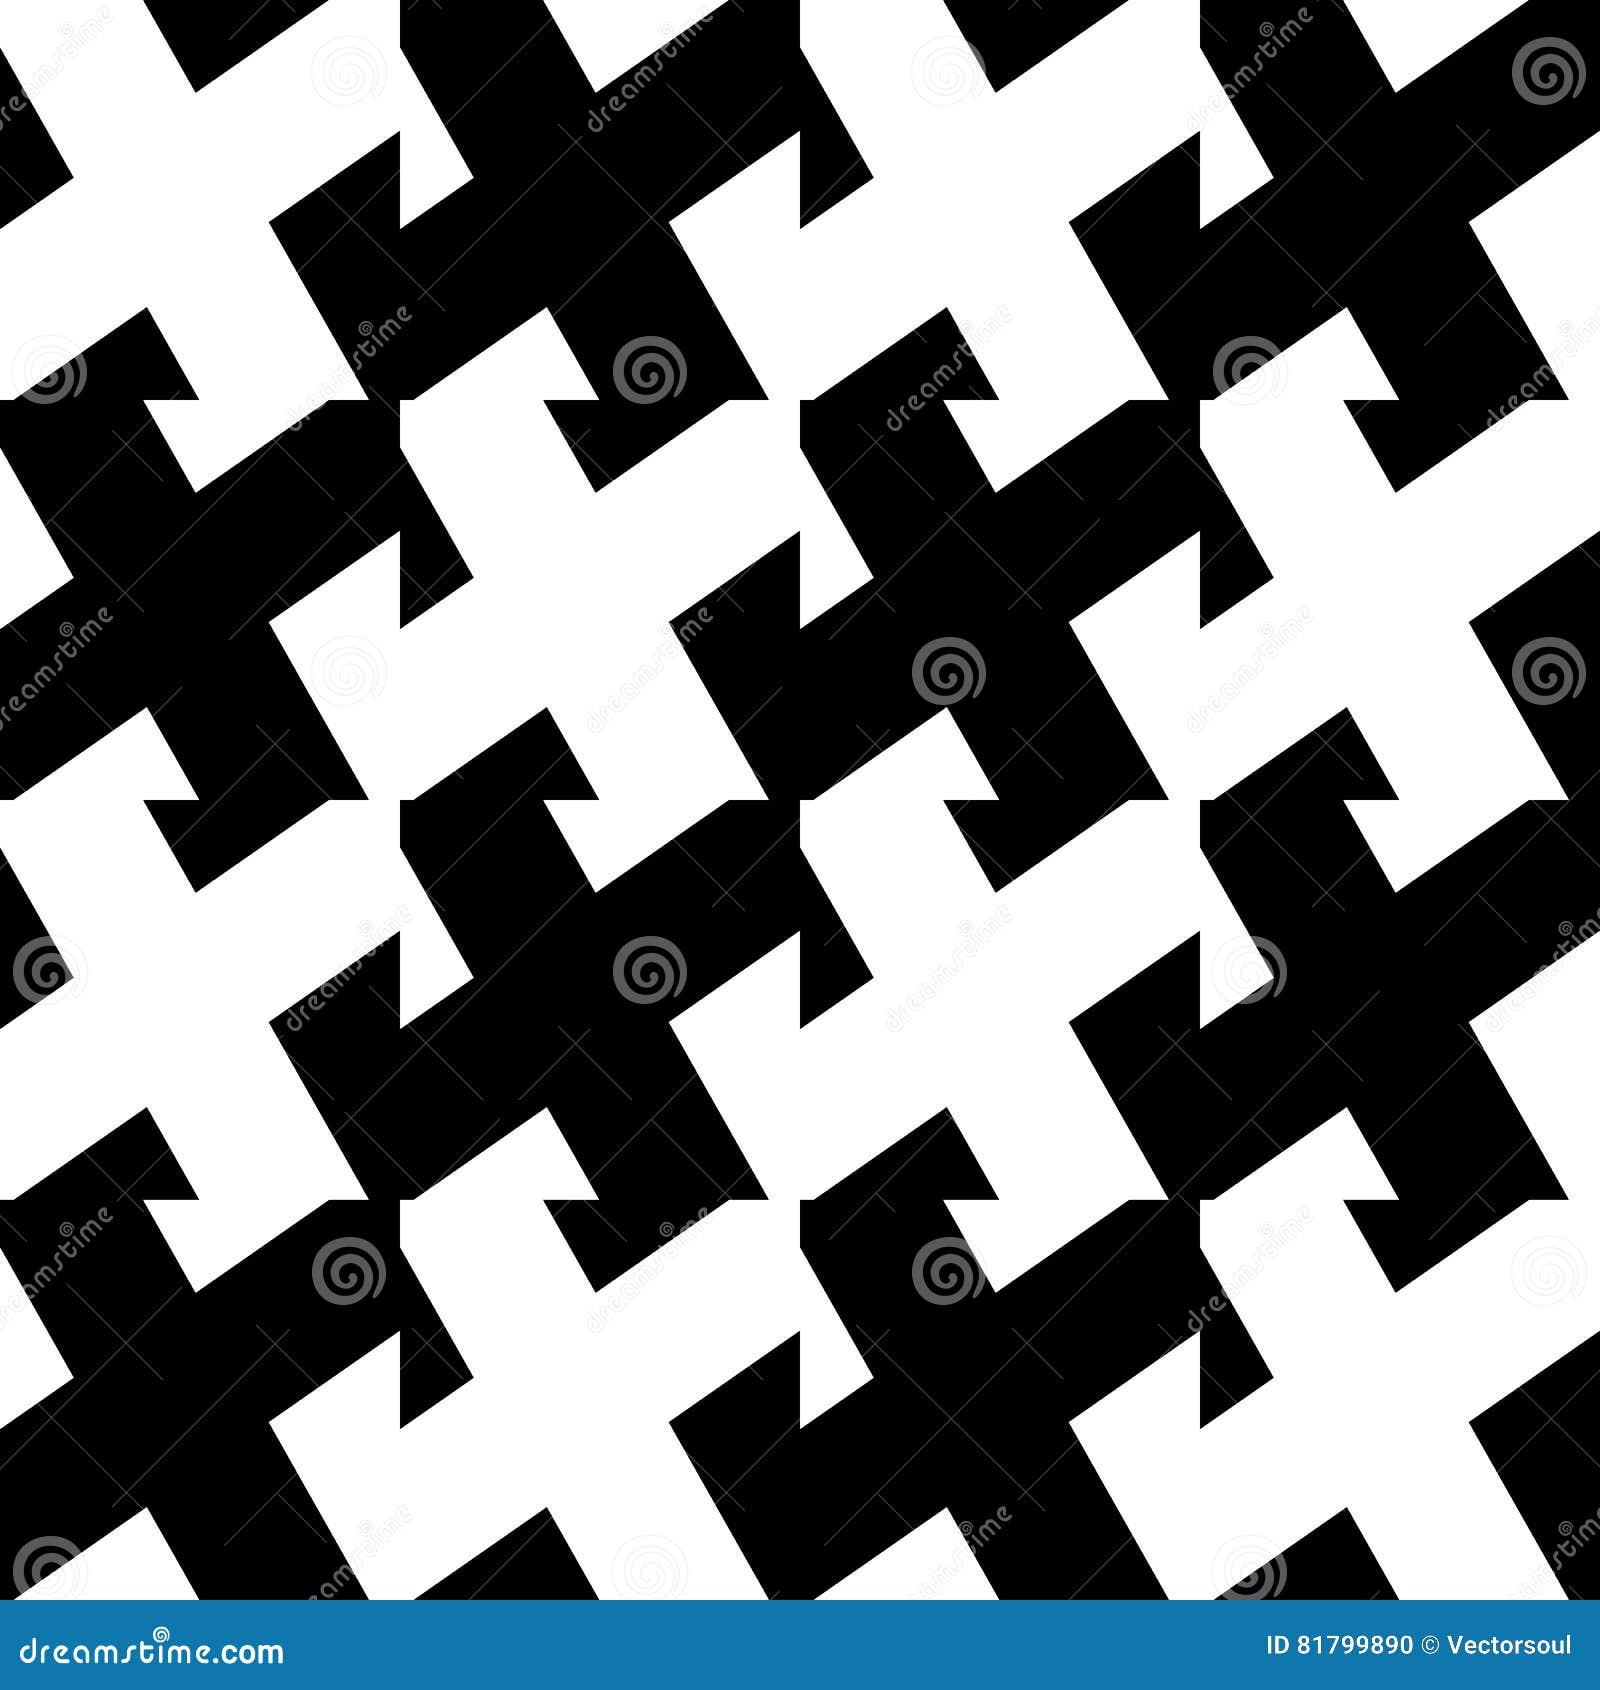 La diagonale allinea il modello ripetibile - Li parallelo diritto obliquo